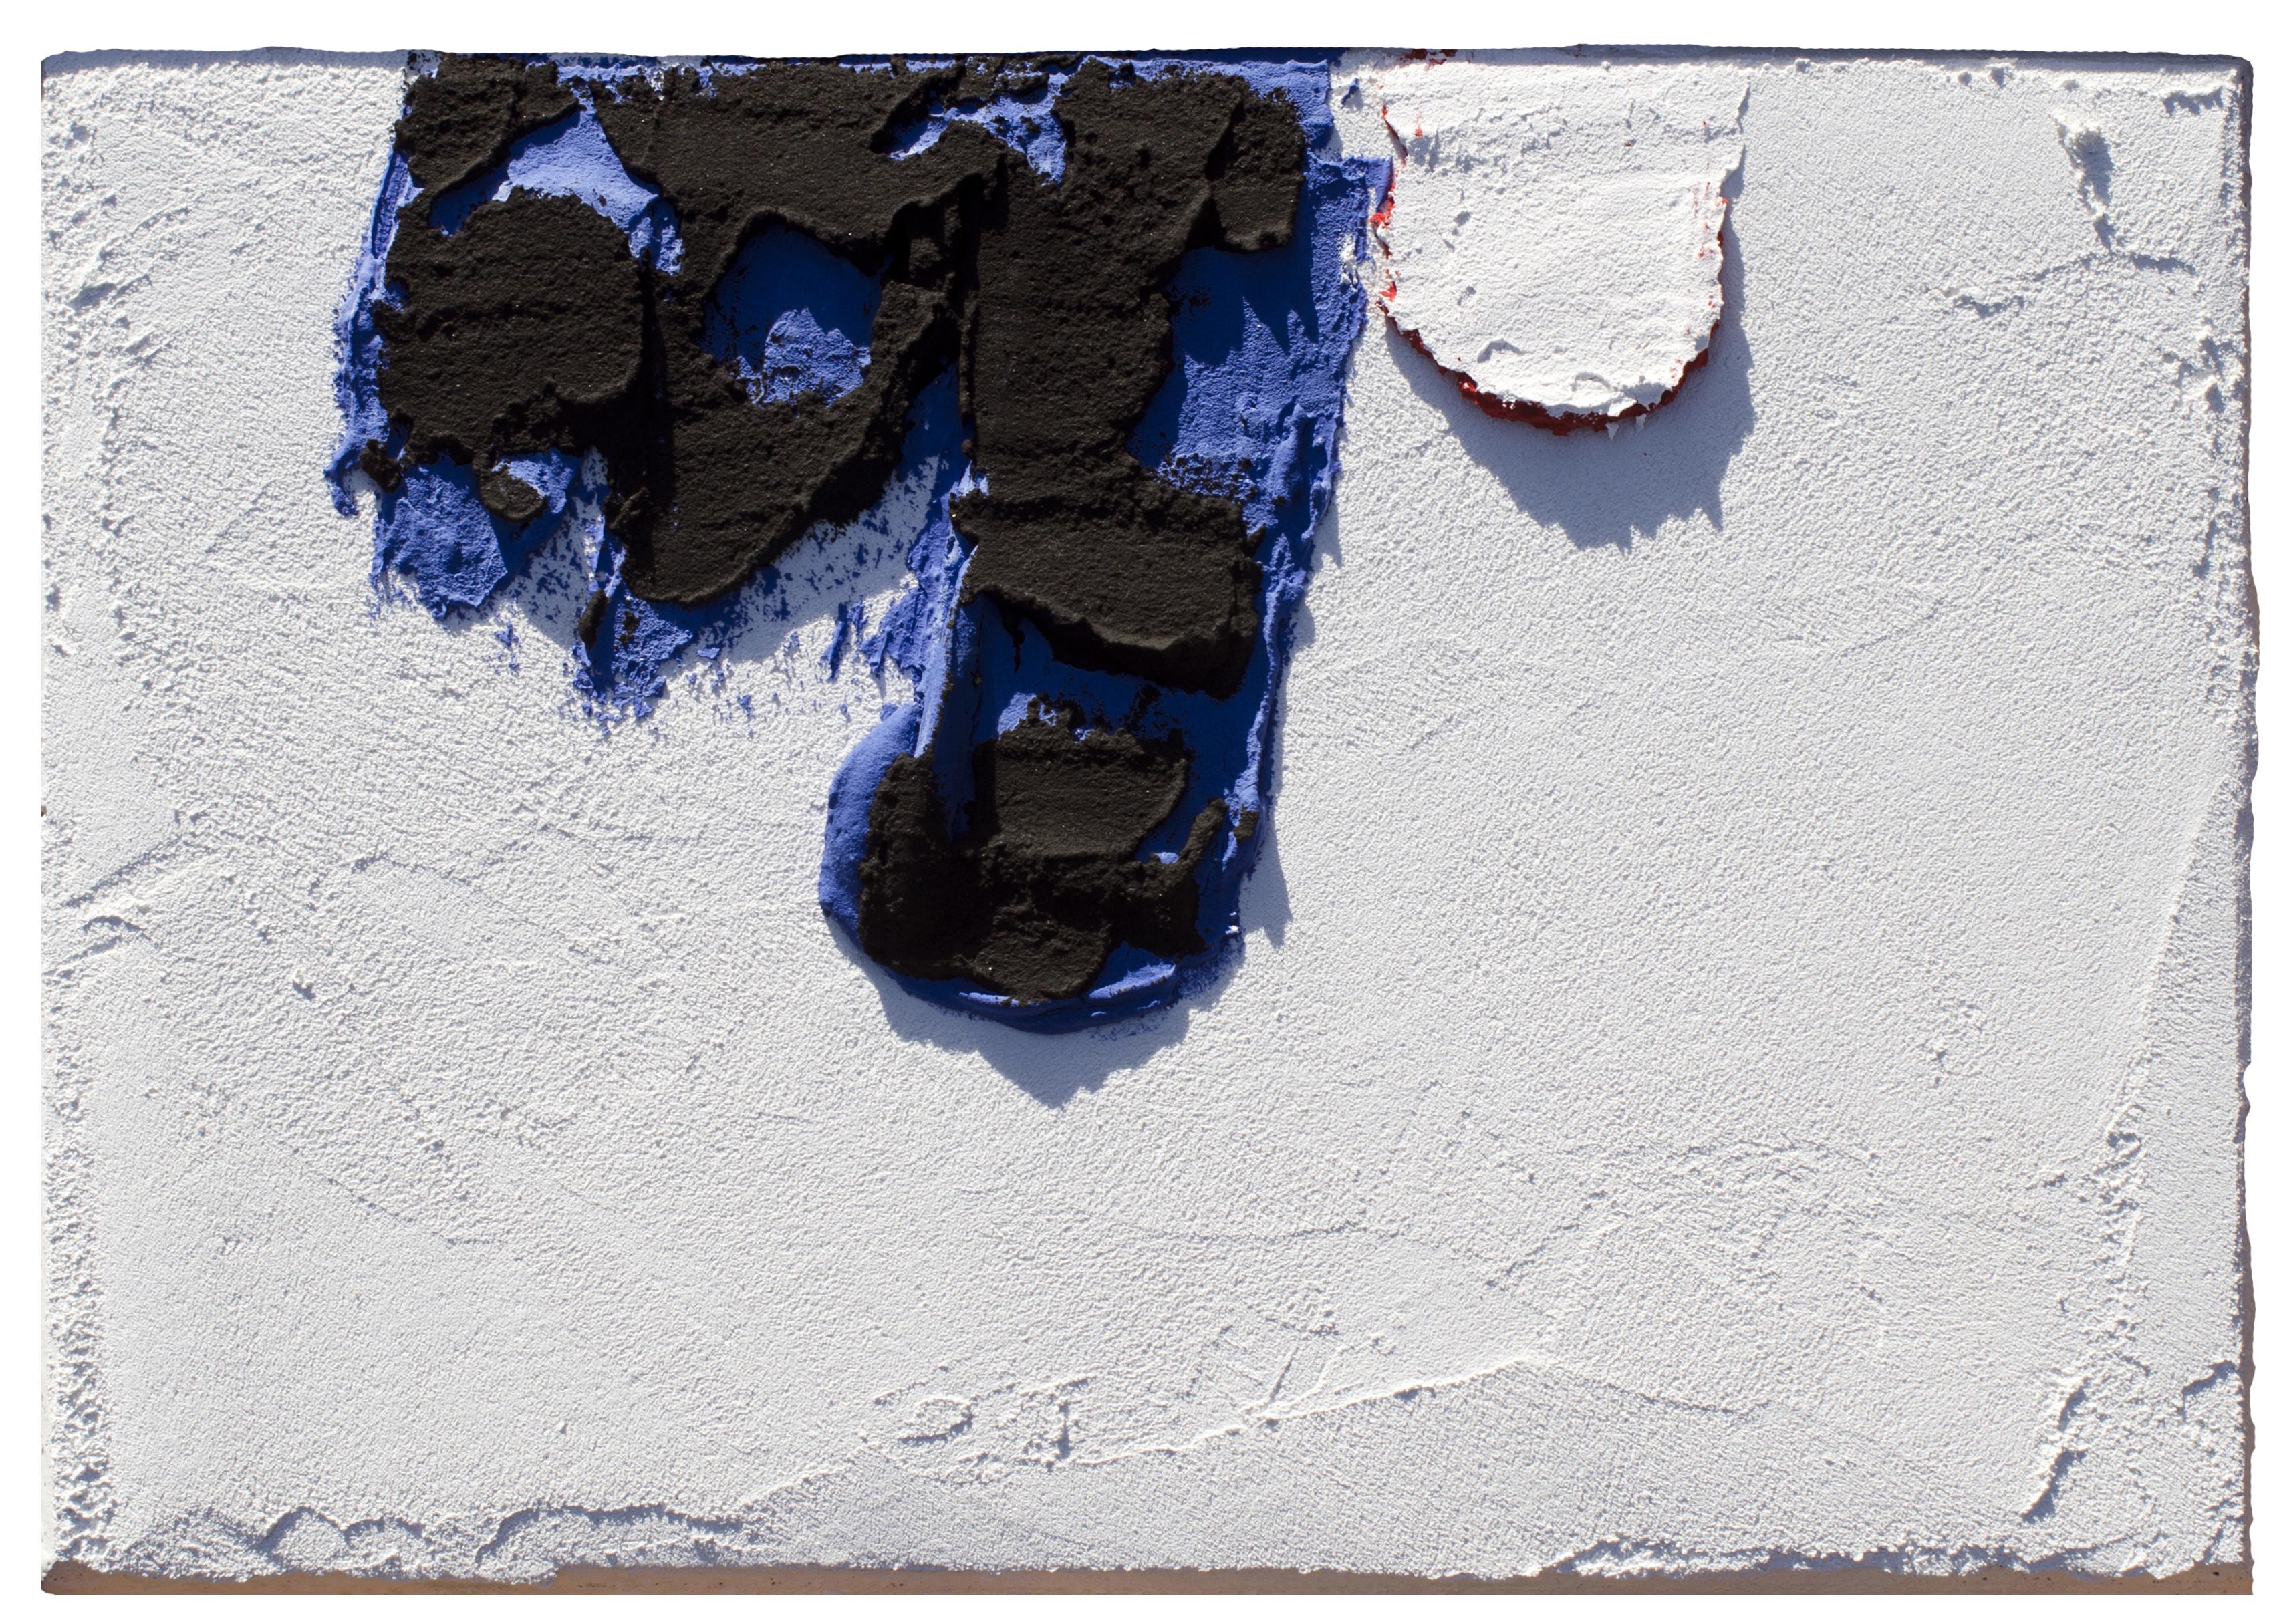 Angel Alonso -Rouge sur Bleu - Pigments sur panneau - 34,5 x 23,5 cm